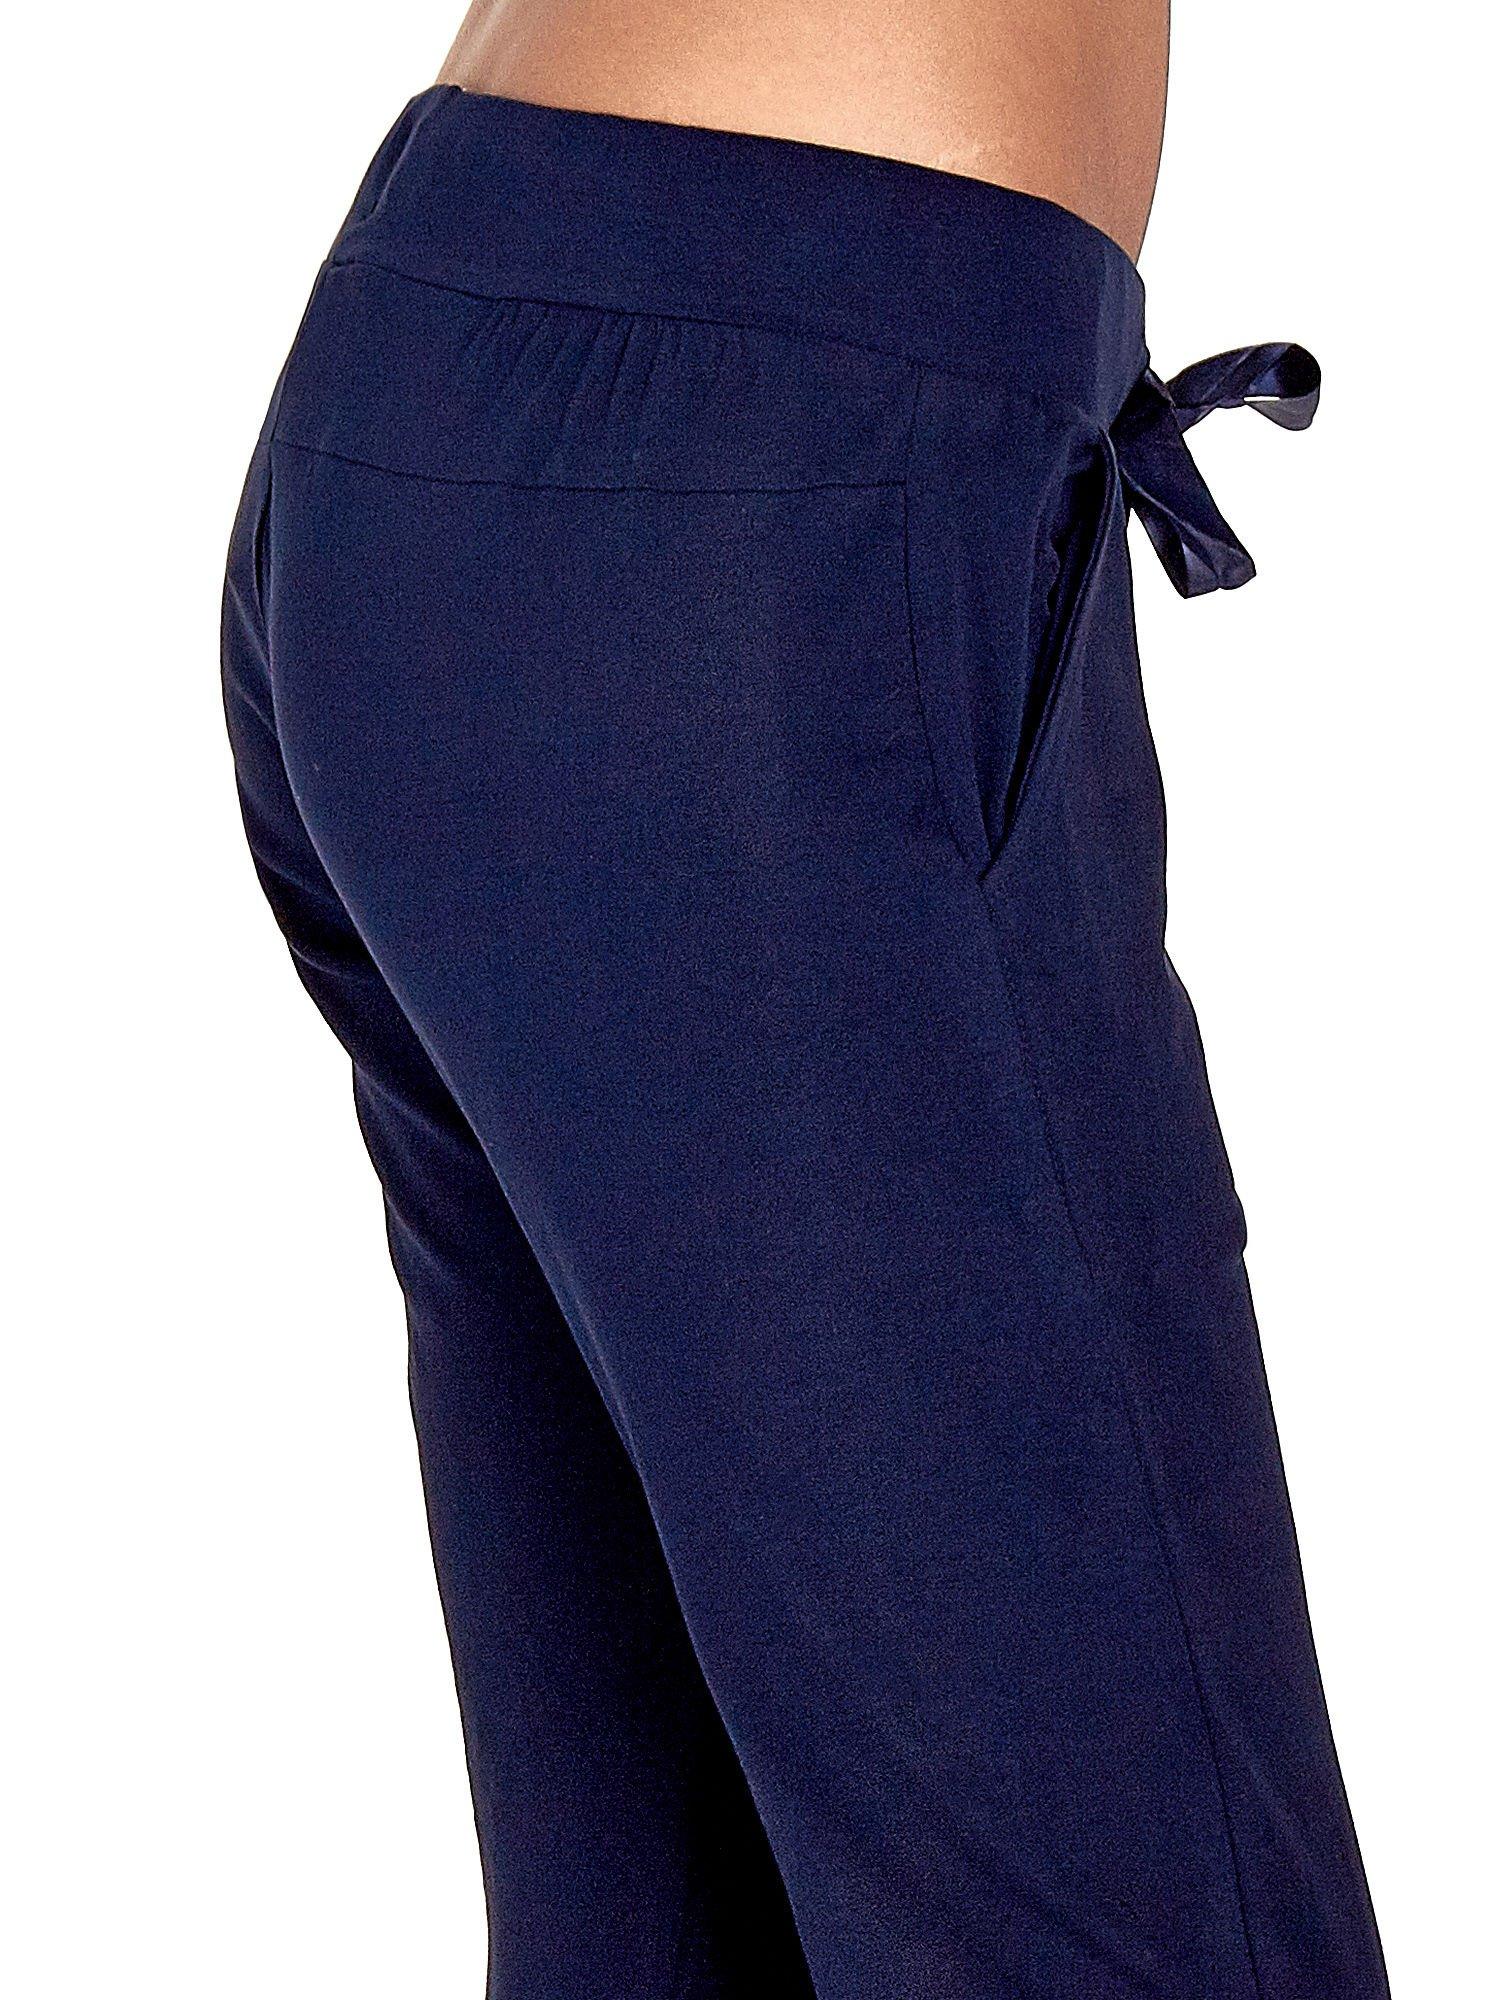 Granatowe spodnie dresowe z nogawką ze ściągaczem                                  zdj.                                  5